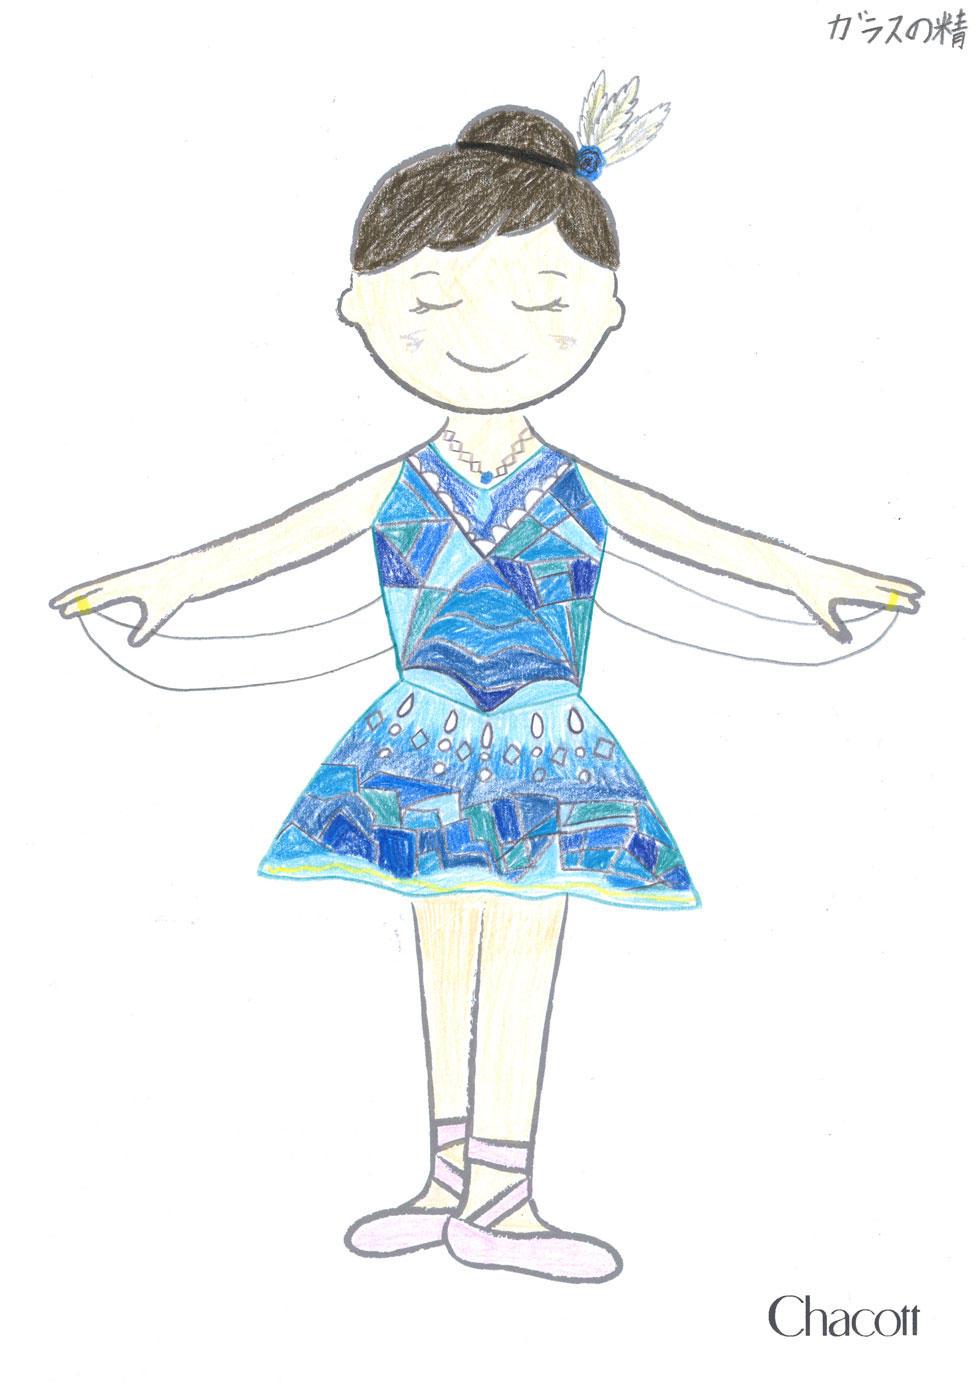 yokohamai_costume_design_2020_004.jpg